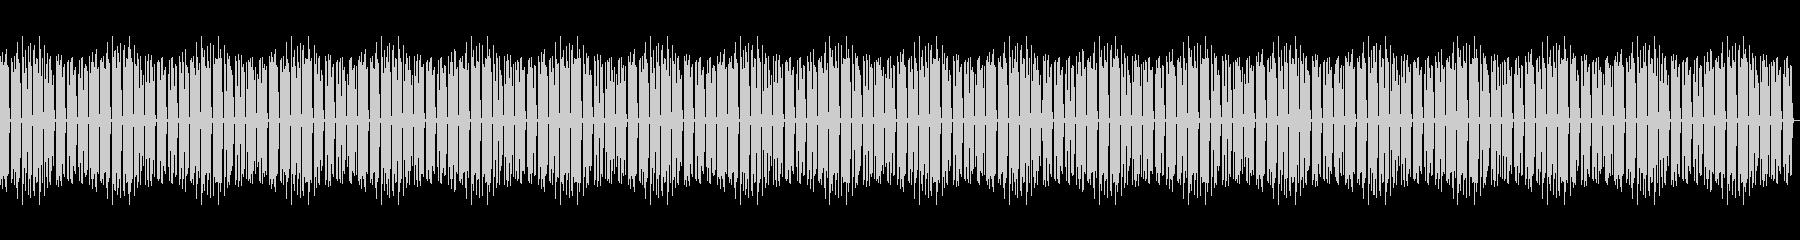 知育・動物・パズル・日常ピアノ47Lの未再生の波形